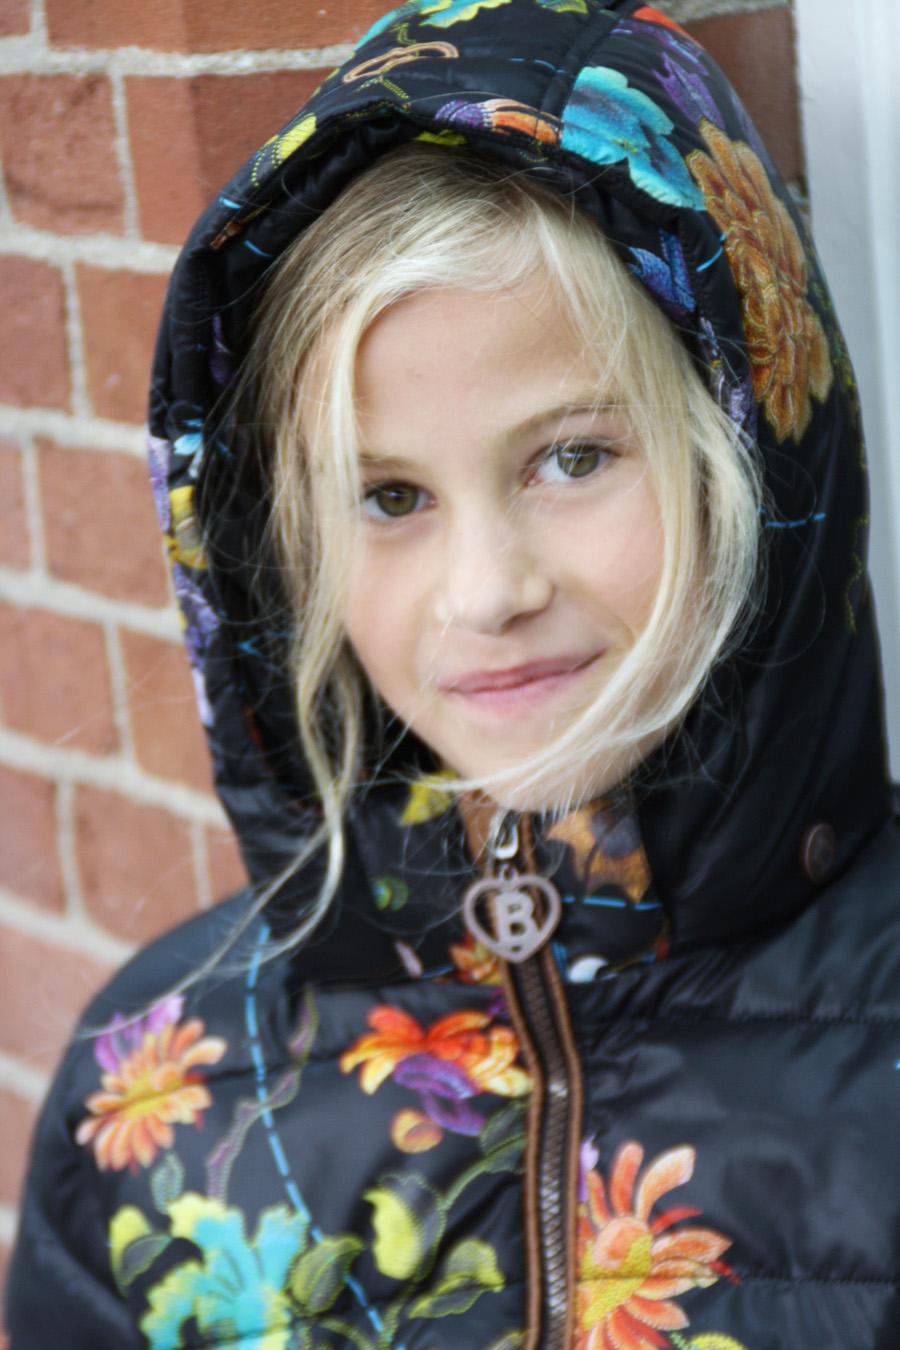 Bellaire winterjas, winterjassen voor meisjes, hippe kinder winterjassen, kinderjassen, meisjesjassen, winterjas voor meisjes